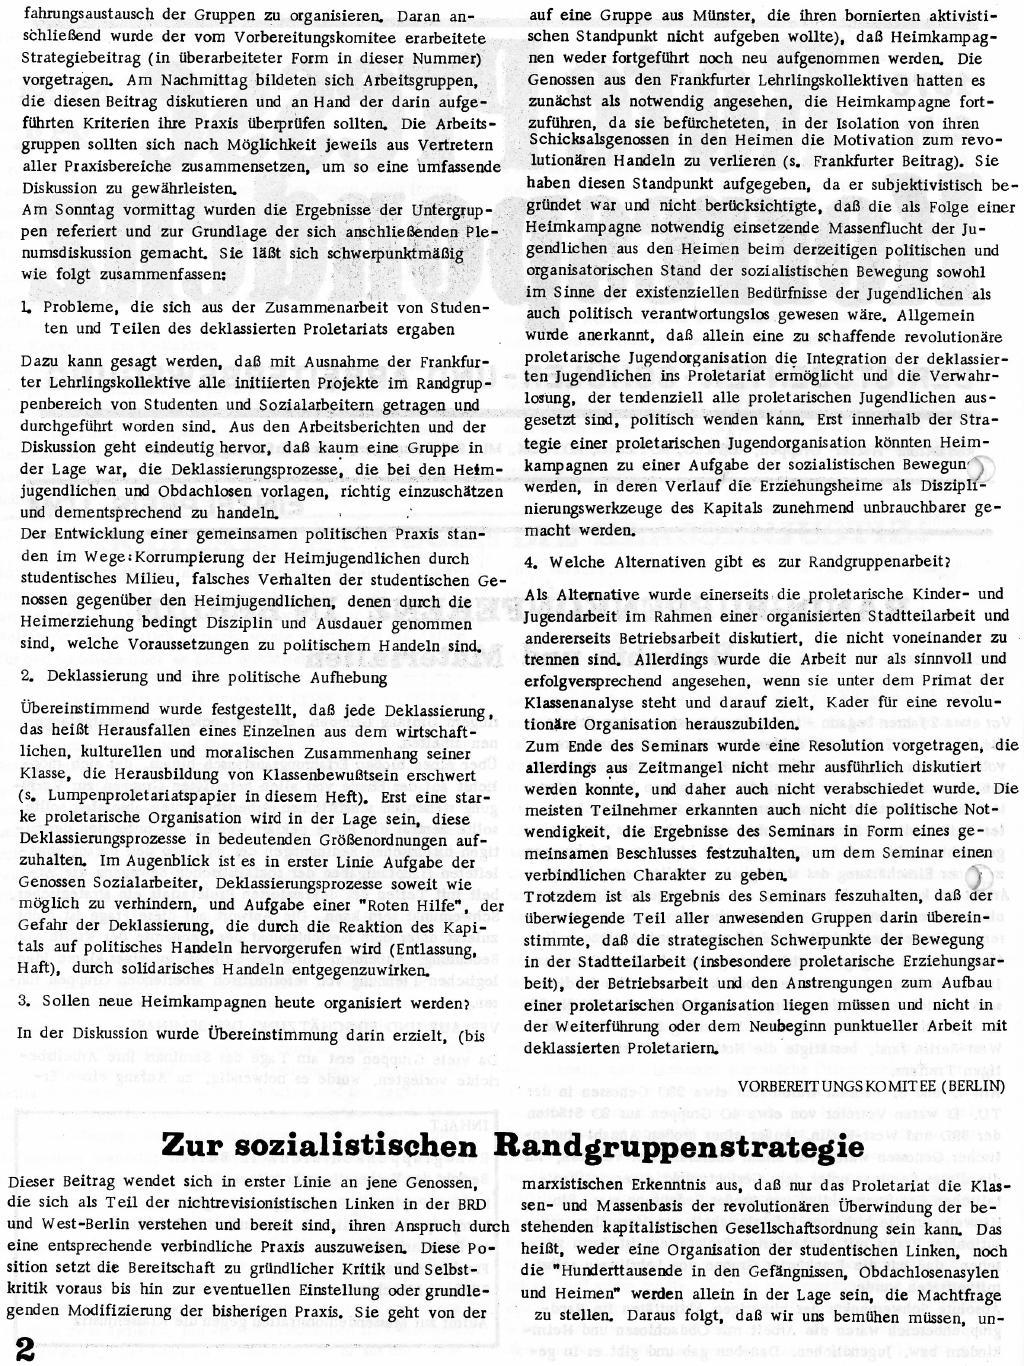 RPK_1970_054_02